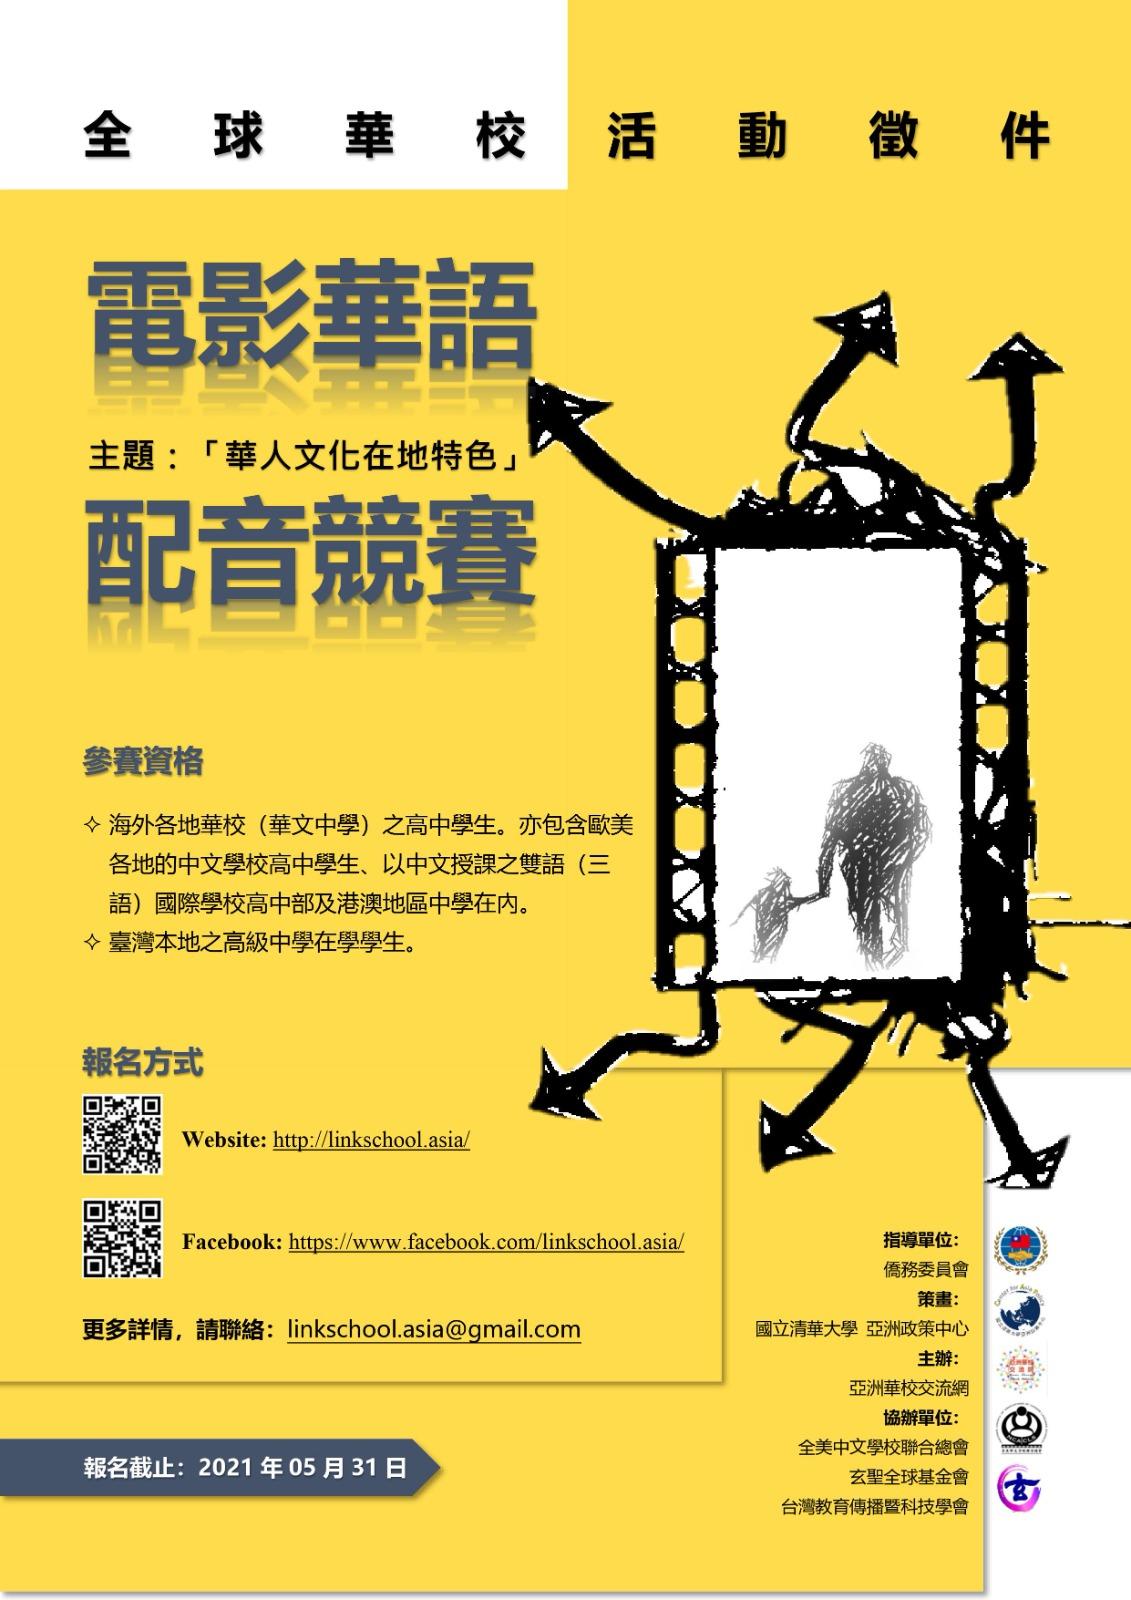 ⭐全球華校「電影華語配音競賽」活動徵件延期至5/31